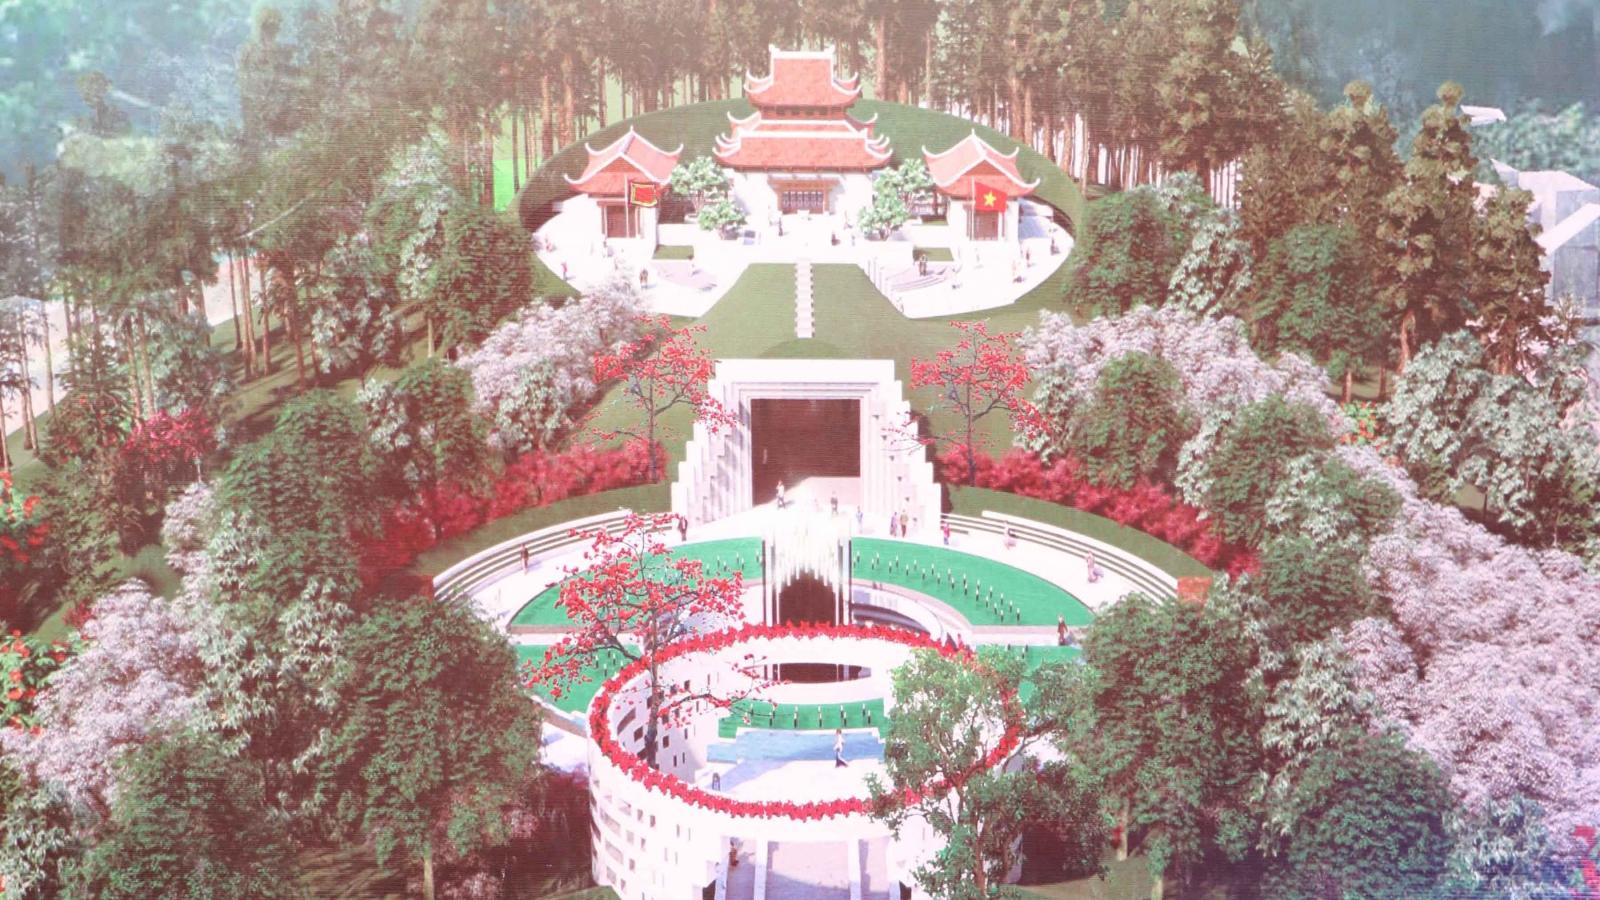 Khởi công xây dựng công trình Đền thờ Liệt sĩ tại Chiến trường Điện Biên Phủ